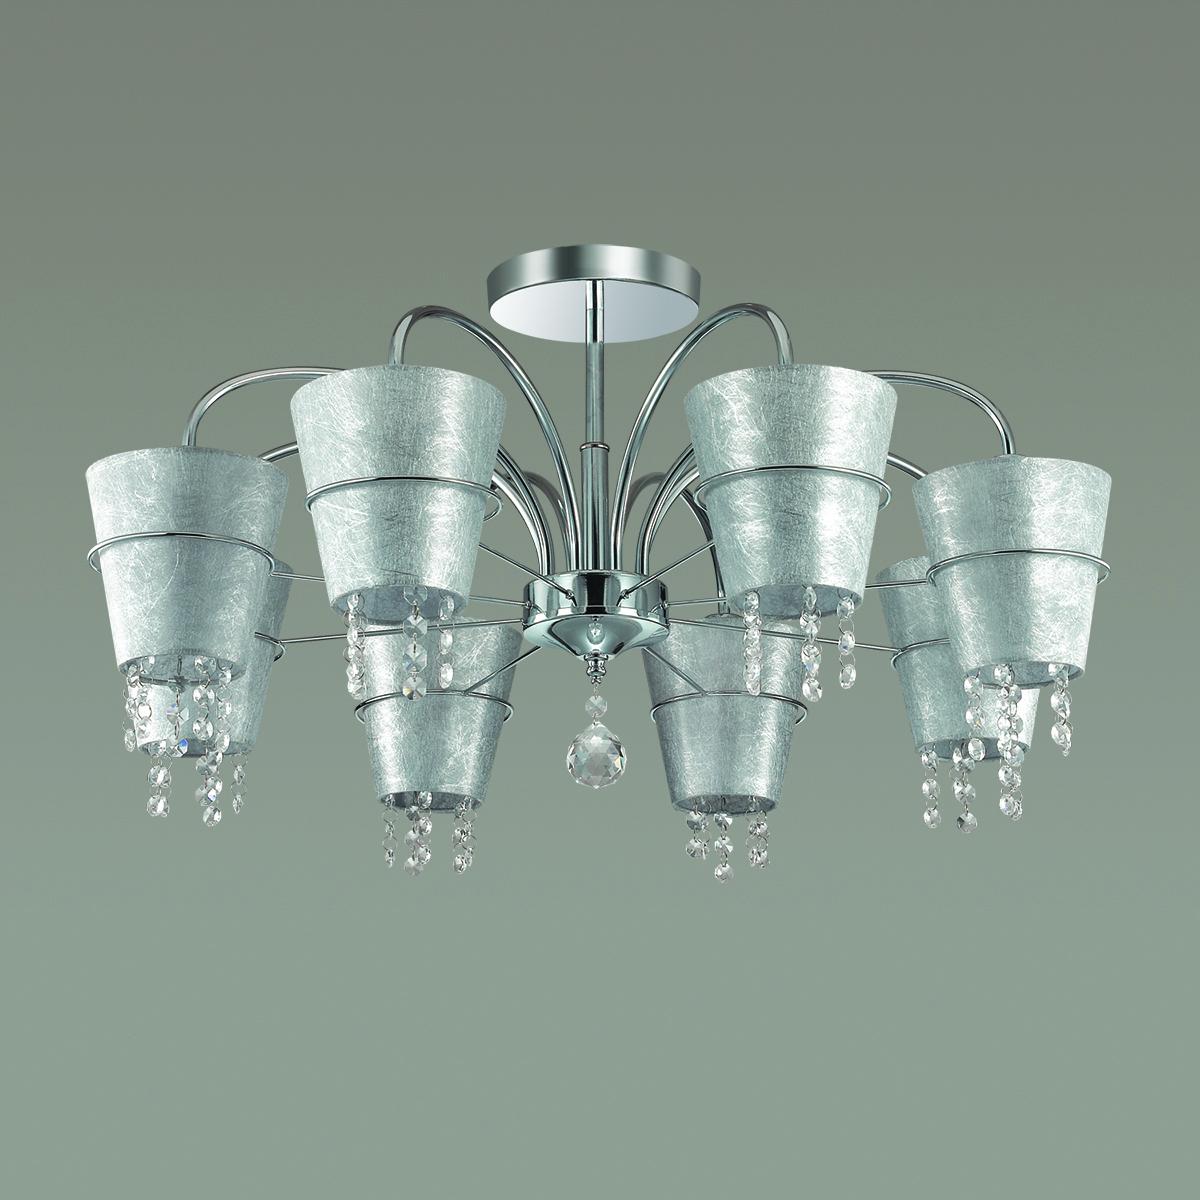 Потолочная люстра Lumion Buonaprana 3520/8C, 8xE14x40W, хром, серебро, прозрачный, металл, текстиль, хрусталь - фото 4